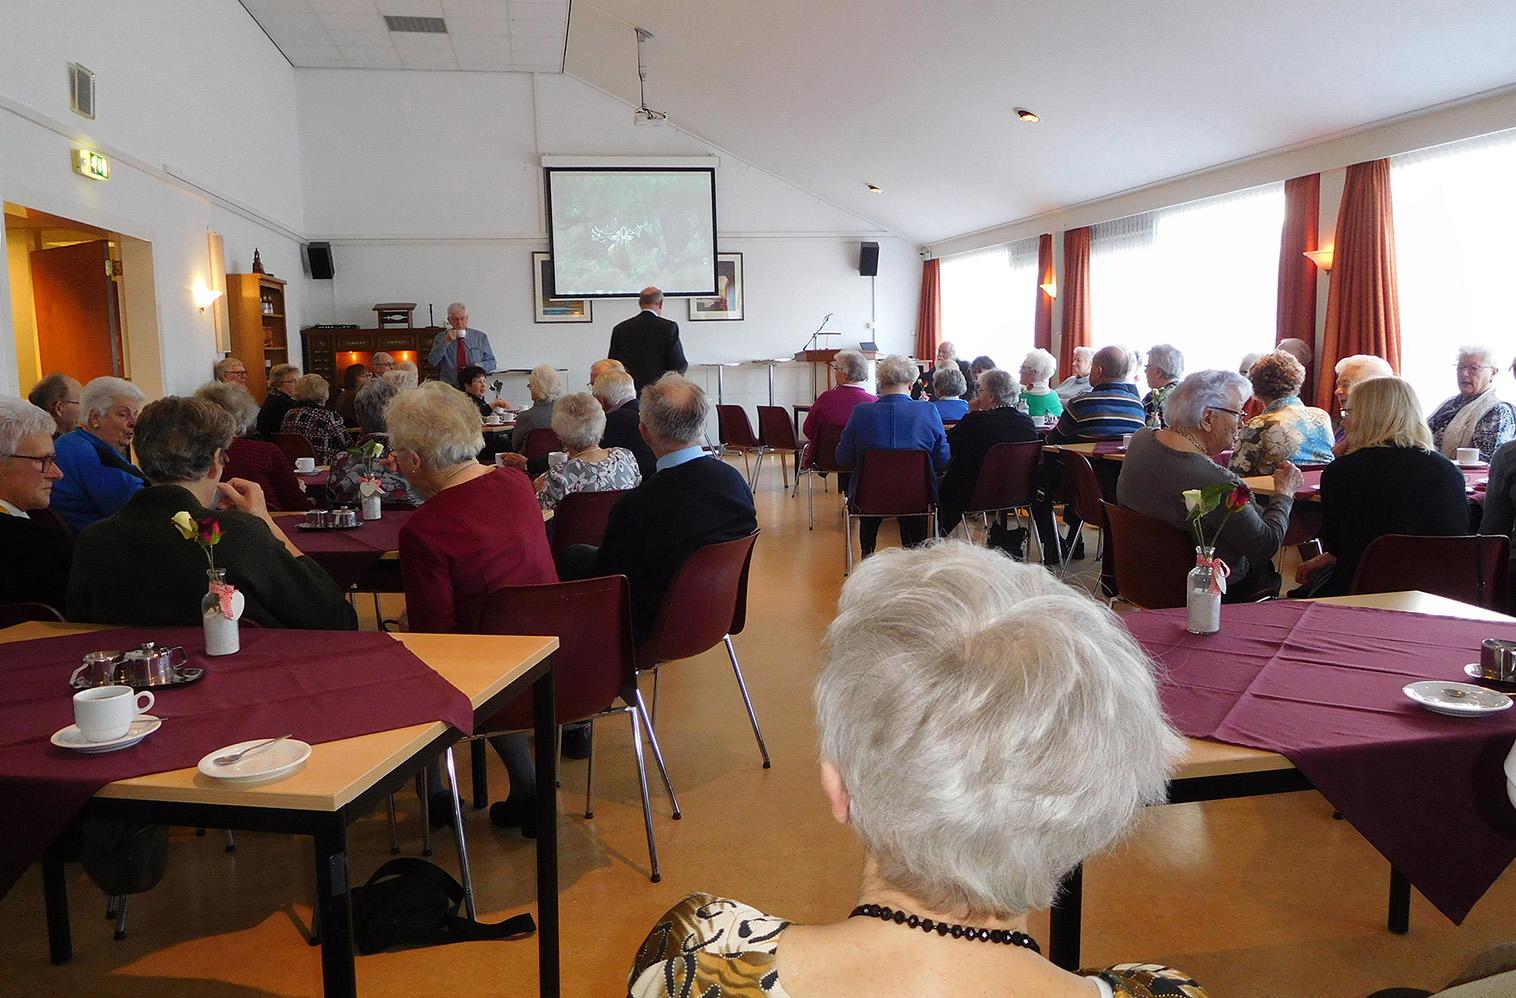 Zo'n 50 personen waren naar deze Wijkmiddag in Katwijk gekomen - Foto: ©Fransien Fraanje